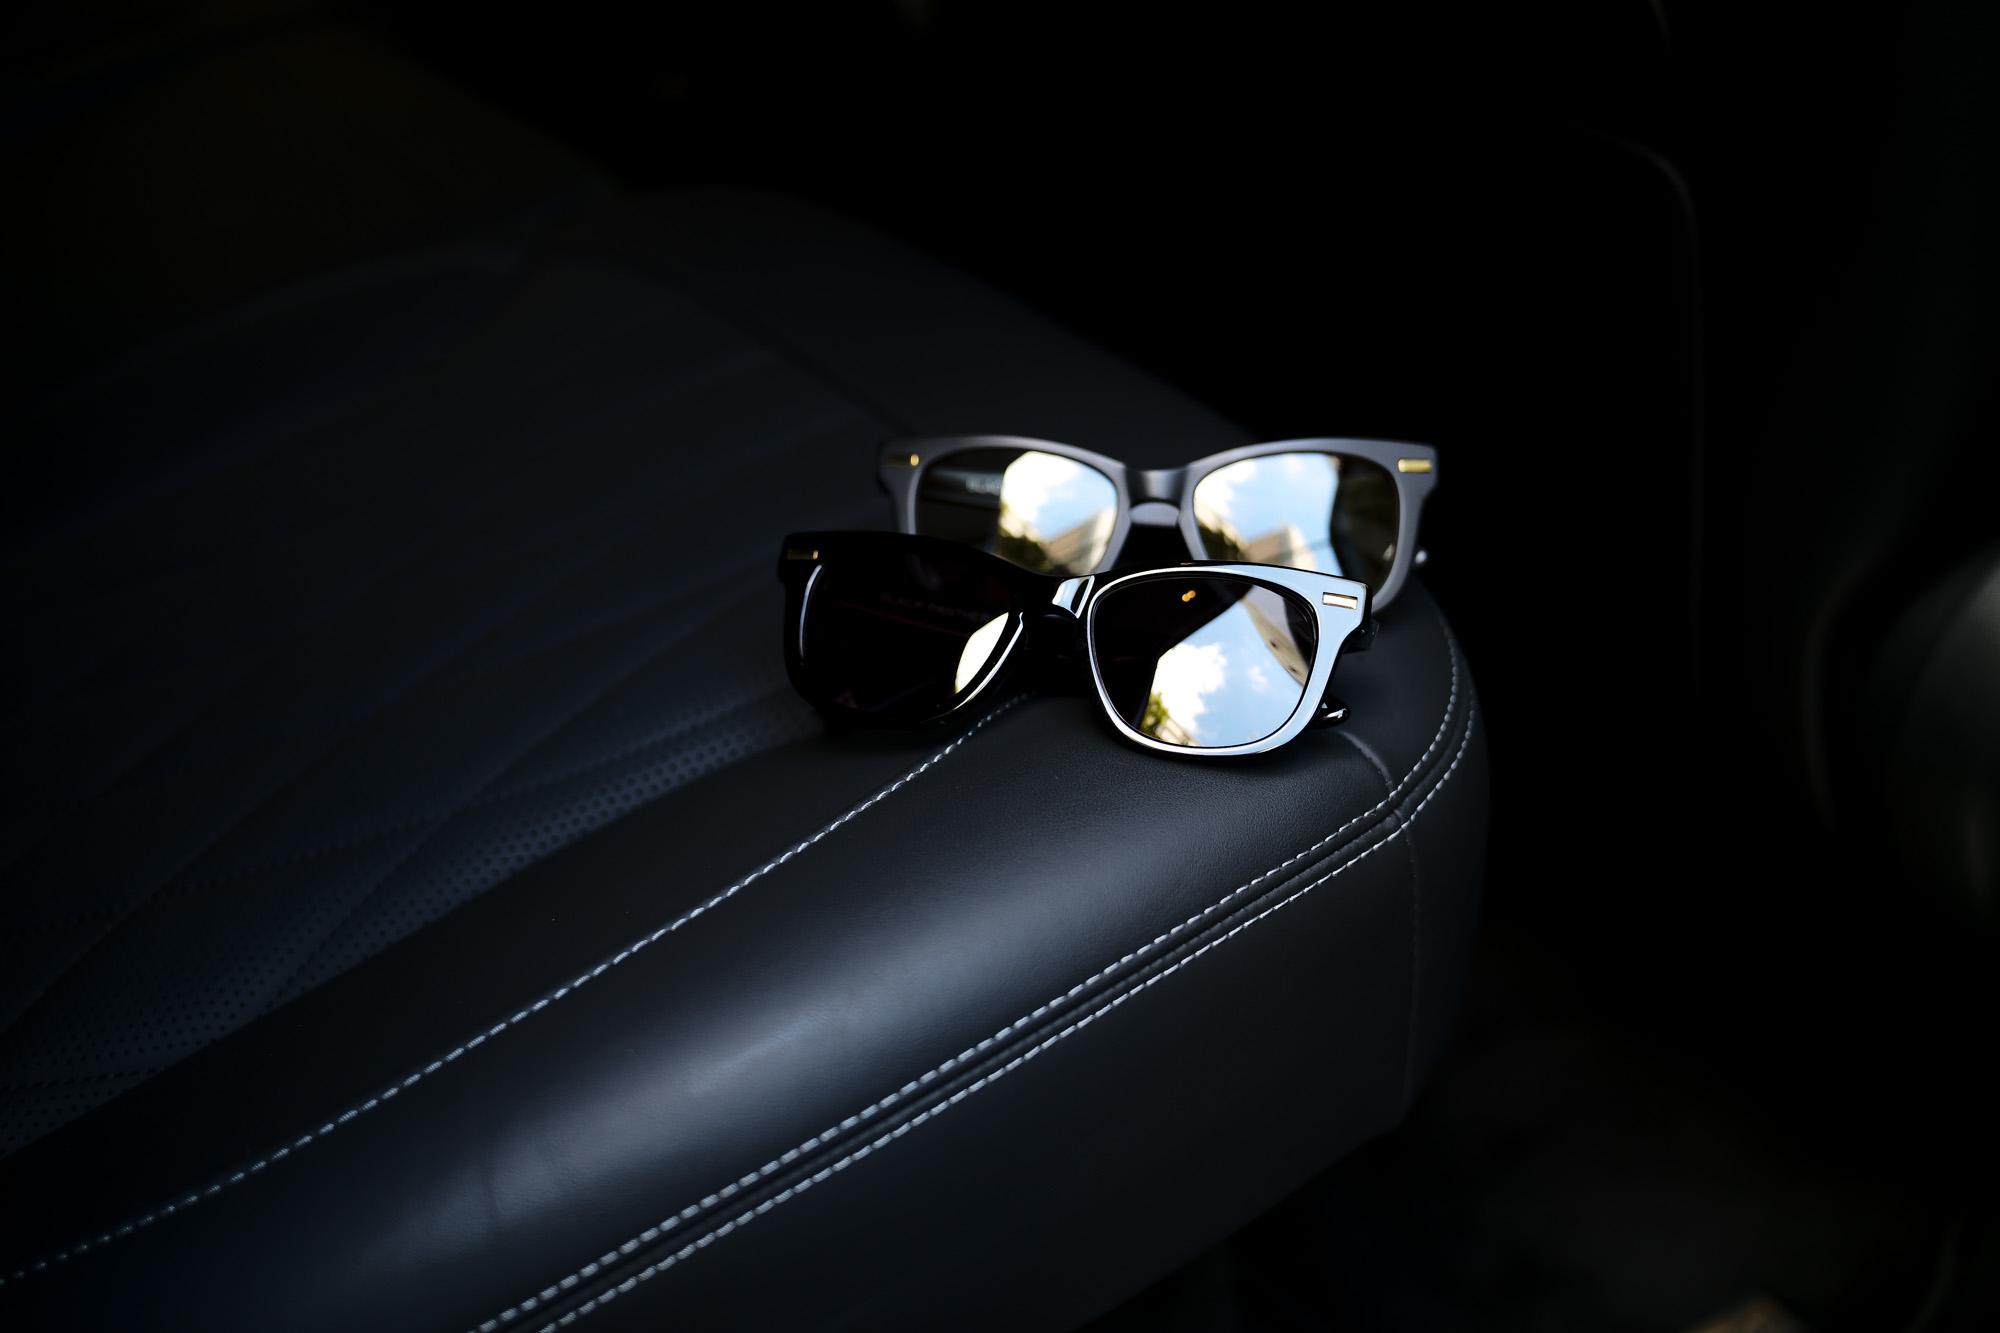 FIXERフィクサー BLACK PANTHERブラックパンサー 18K GOLD サングラス MATTE BLACK マットブラック 愛知 名古屋 Alto e Diritto アルトエデリット 眼鏡 グラサン 18Kゴールド スペシャルモデル sunglasses